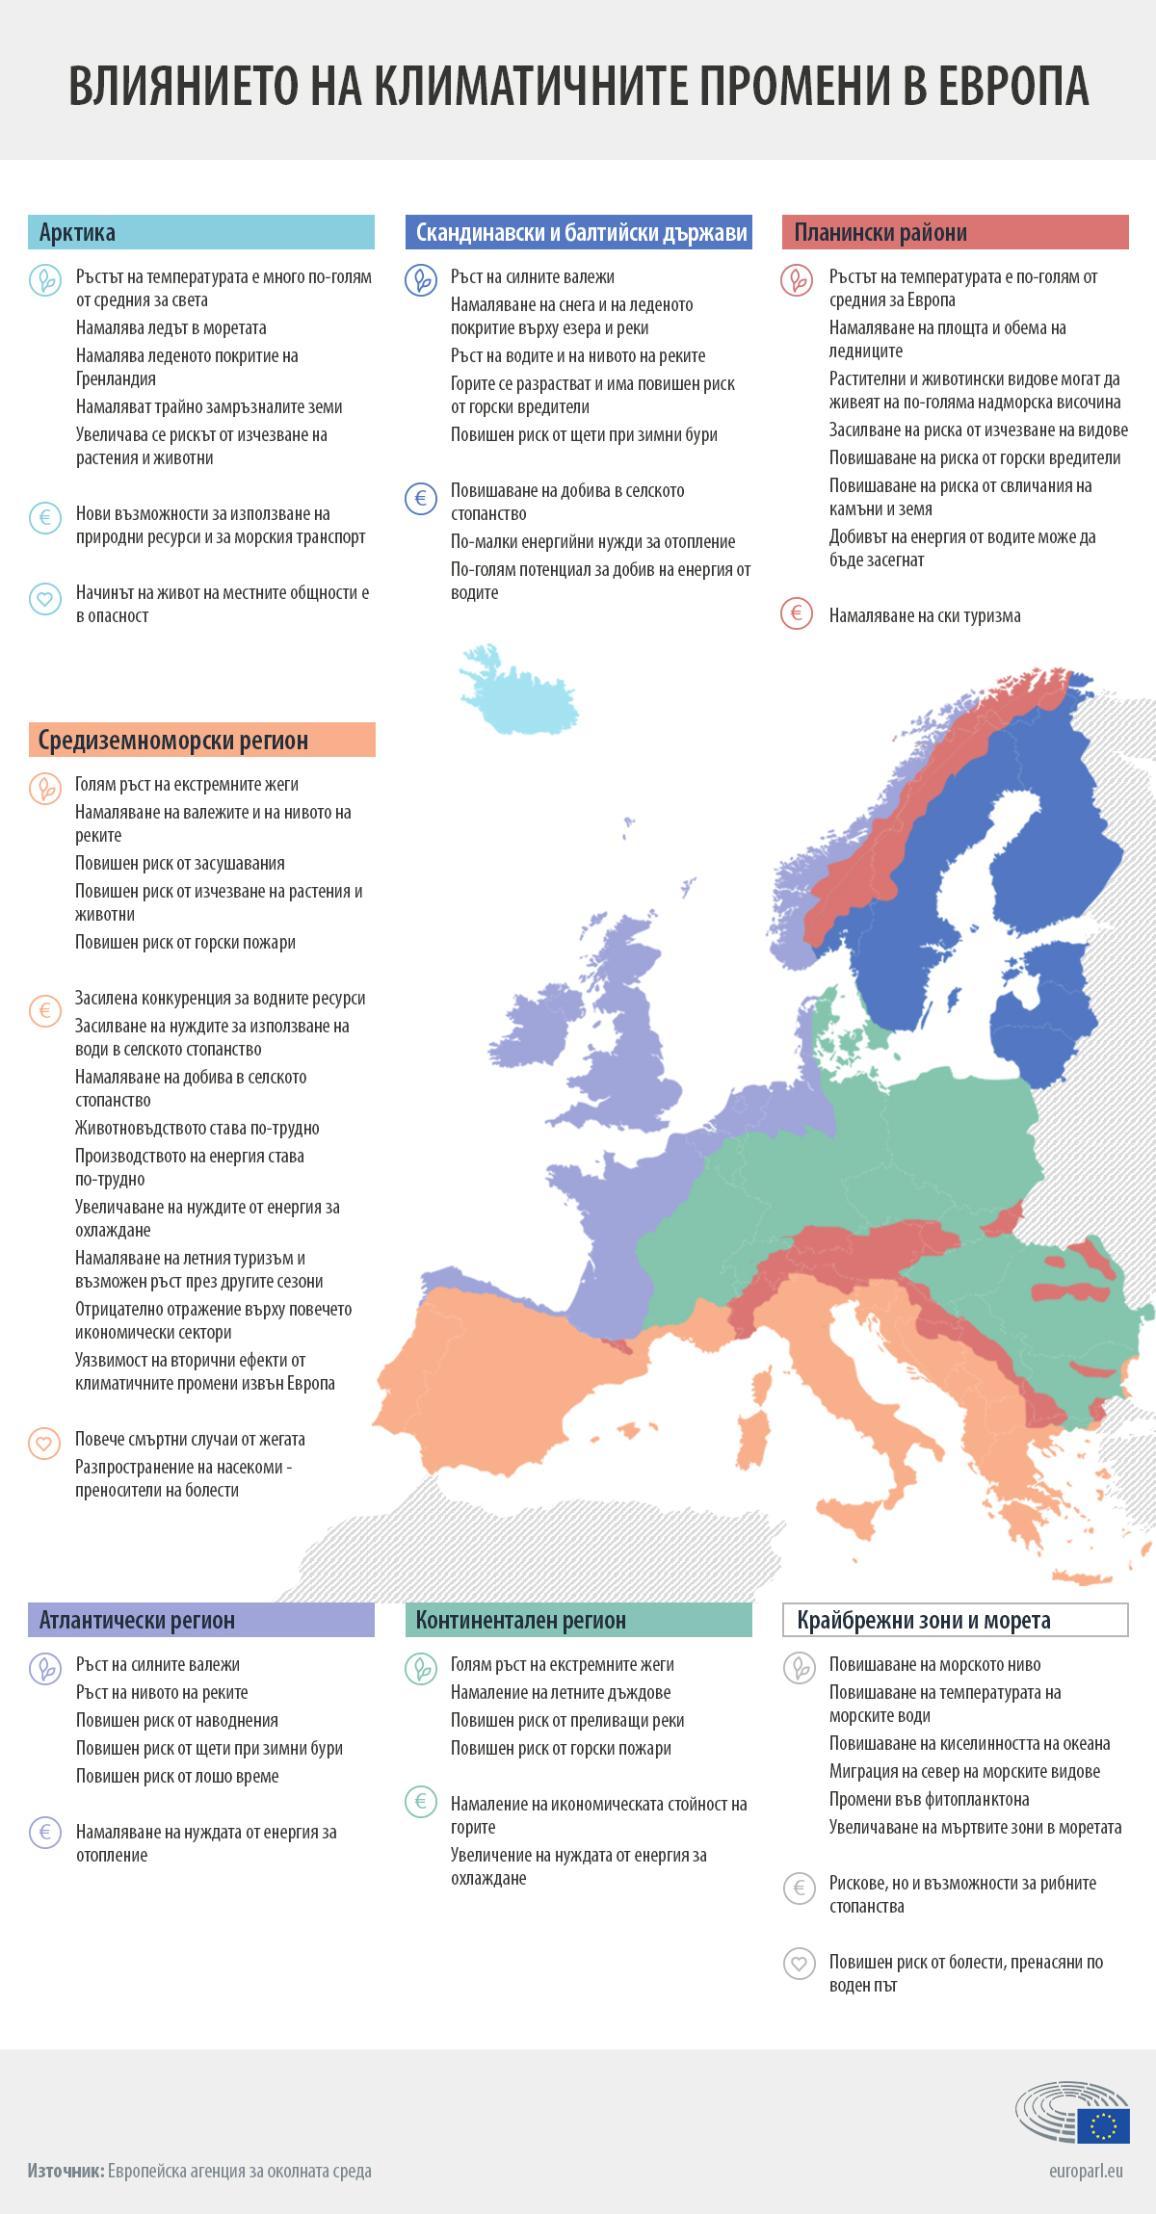 Инфографика: Влиянието на климатичните промени върху различните региони на Европа